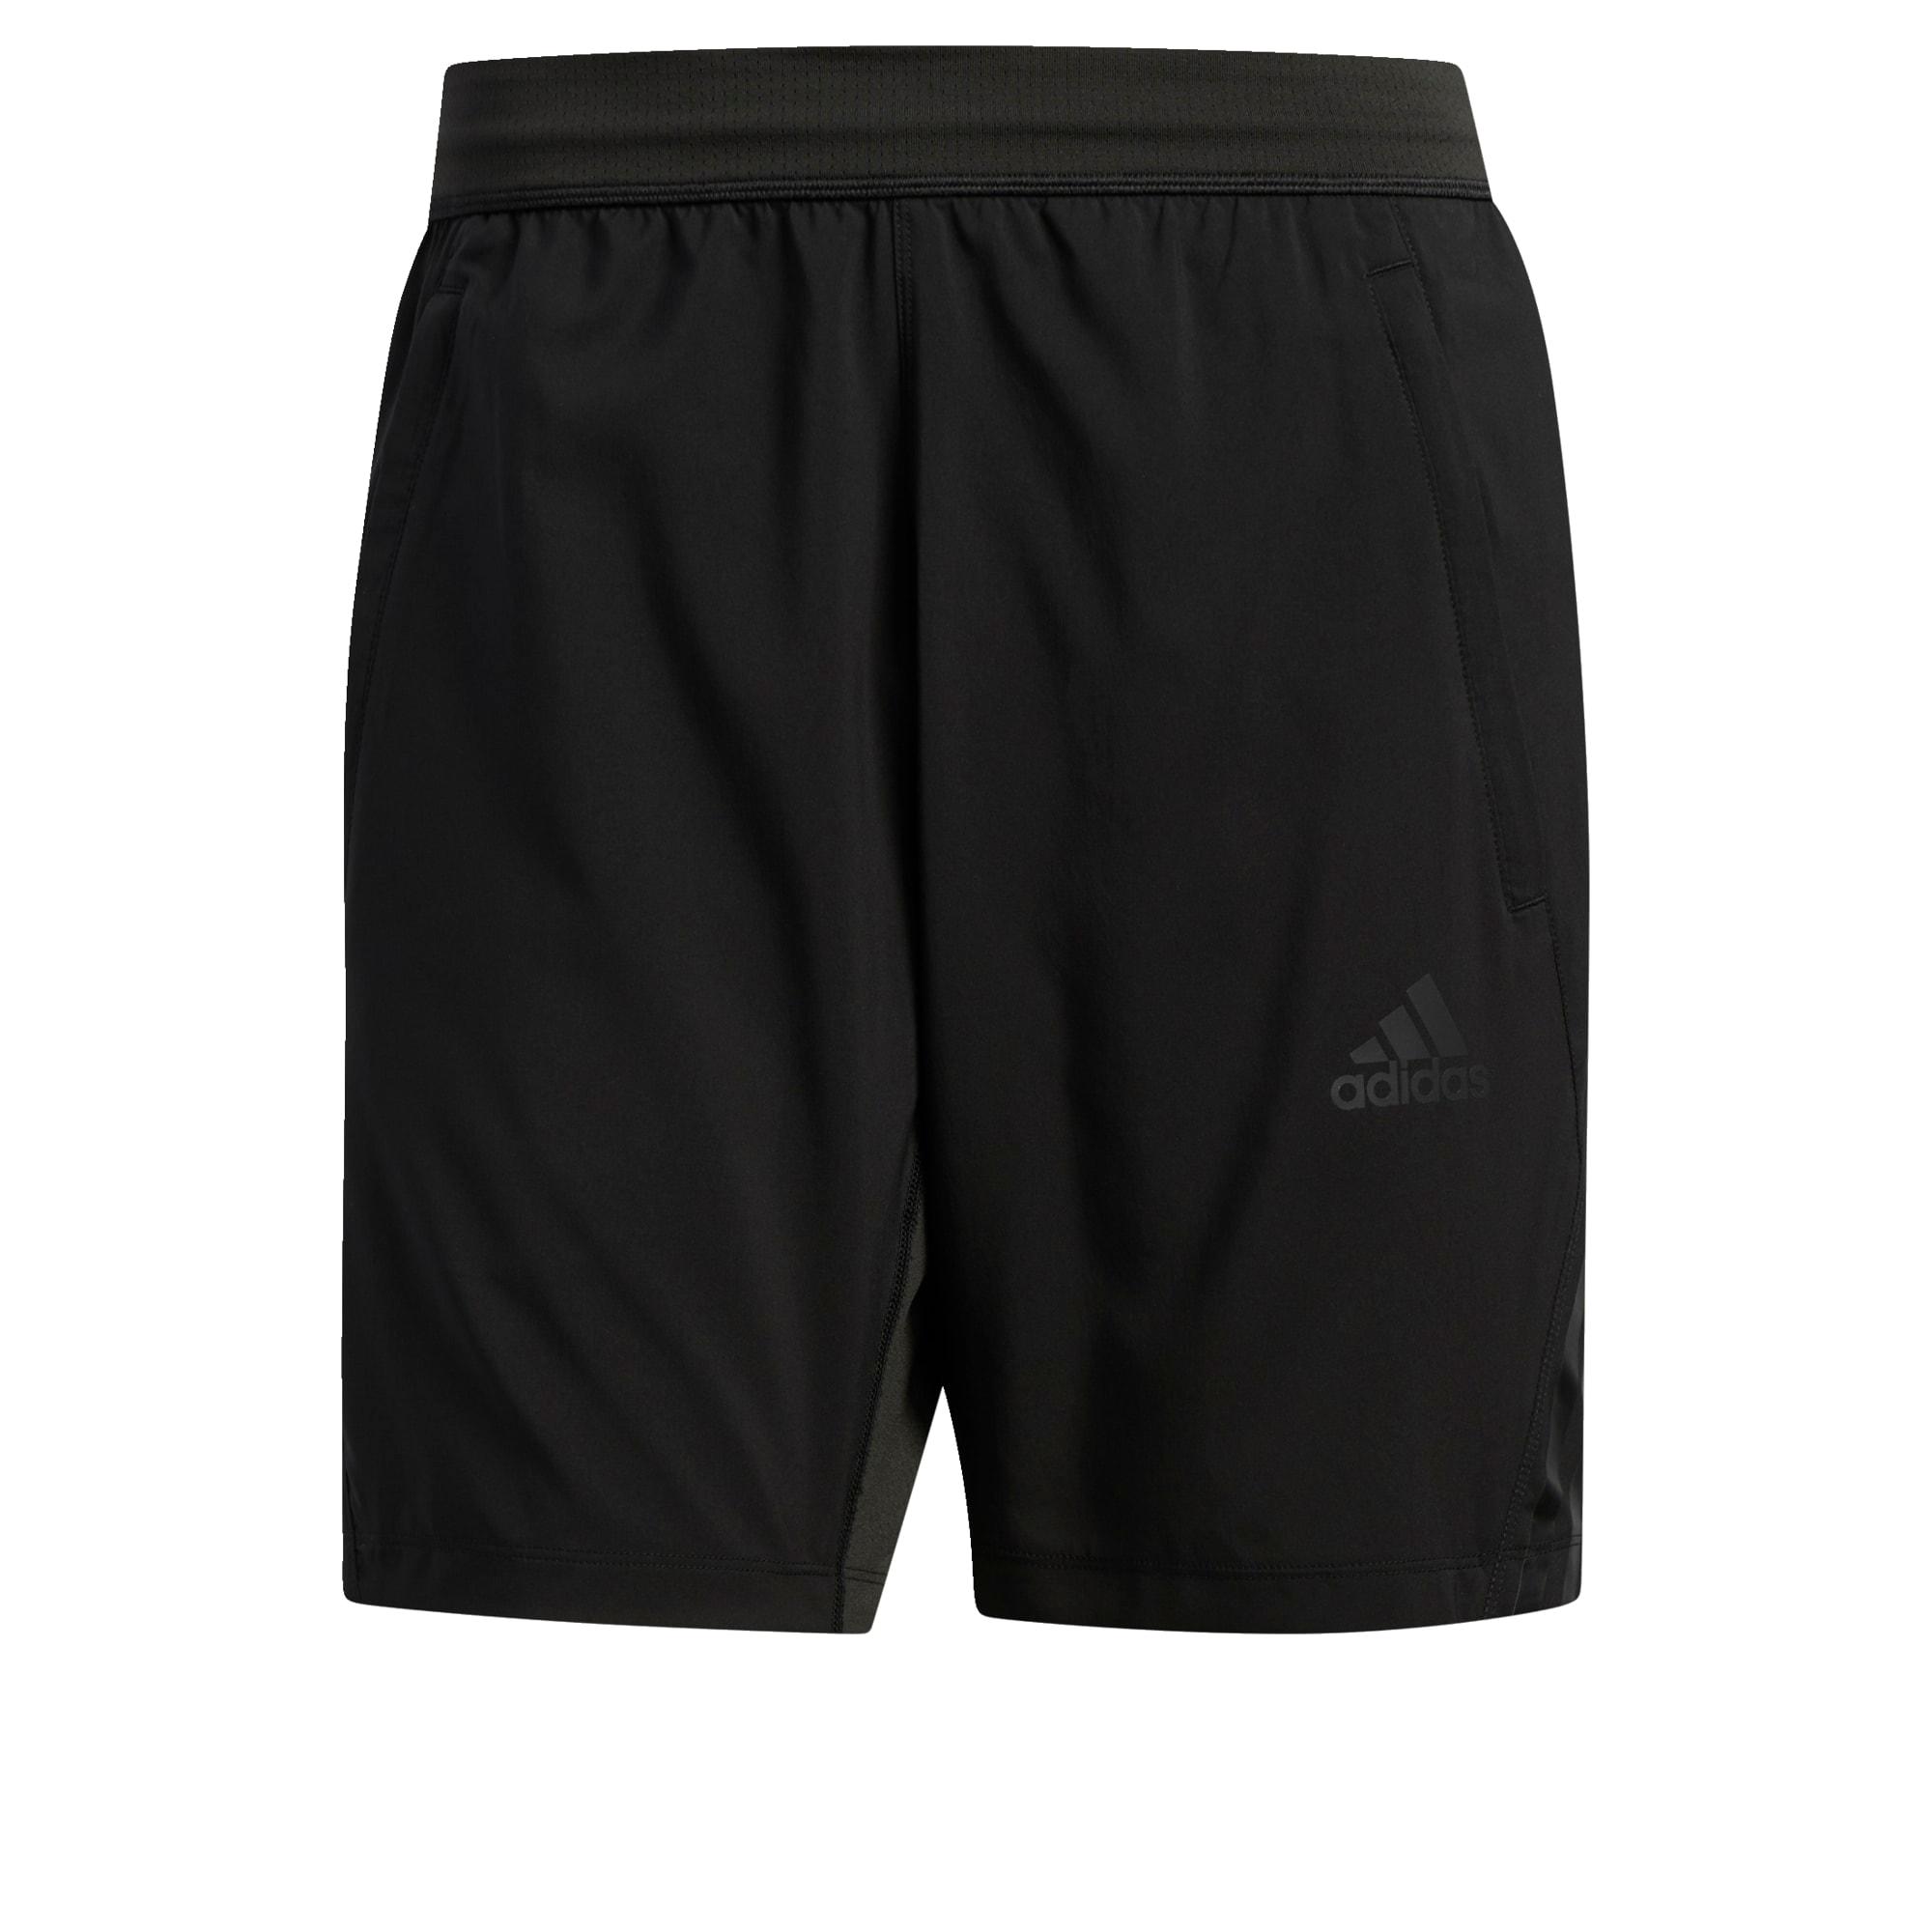 ADIDAS PERFORMANCE Sportinės kelnės tamsiai pilka / juoda